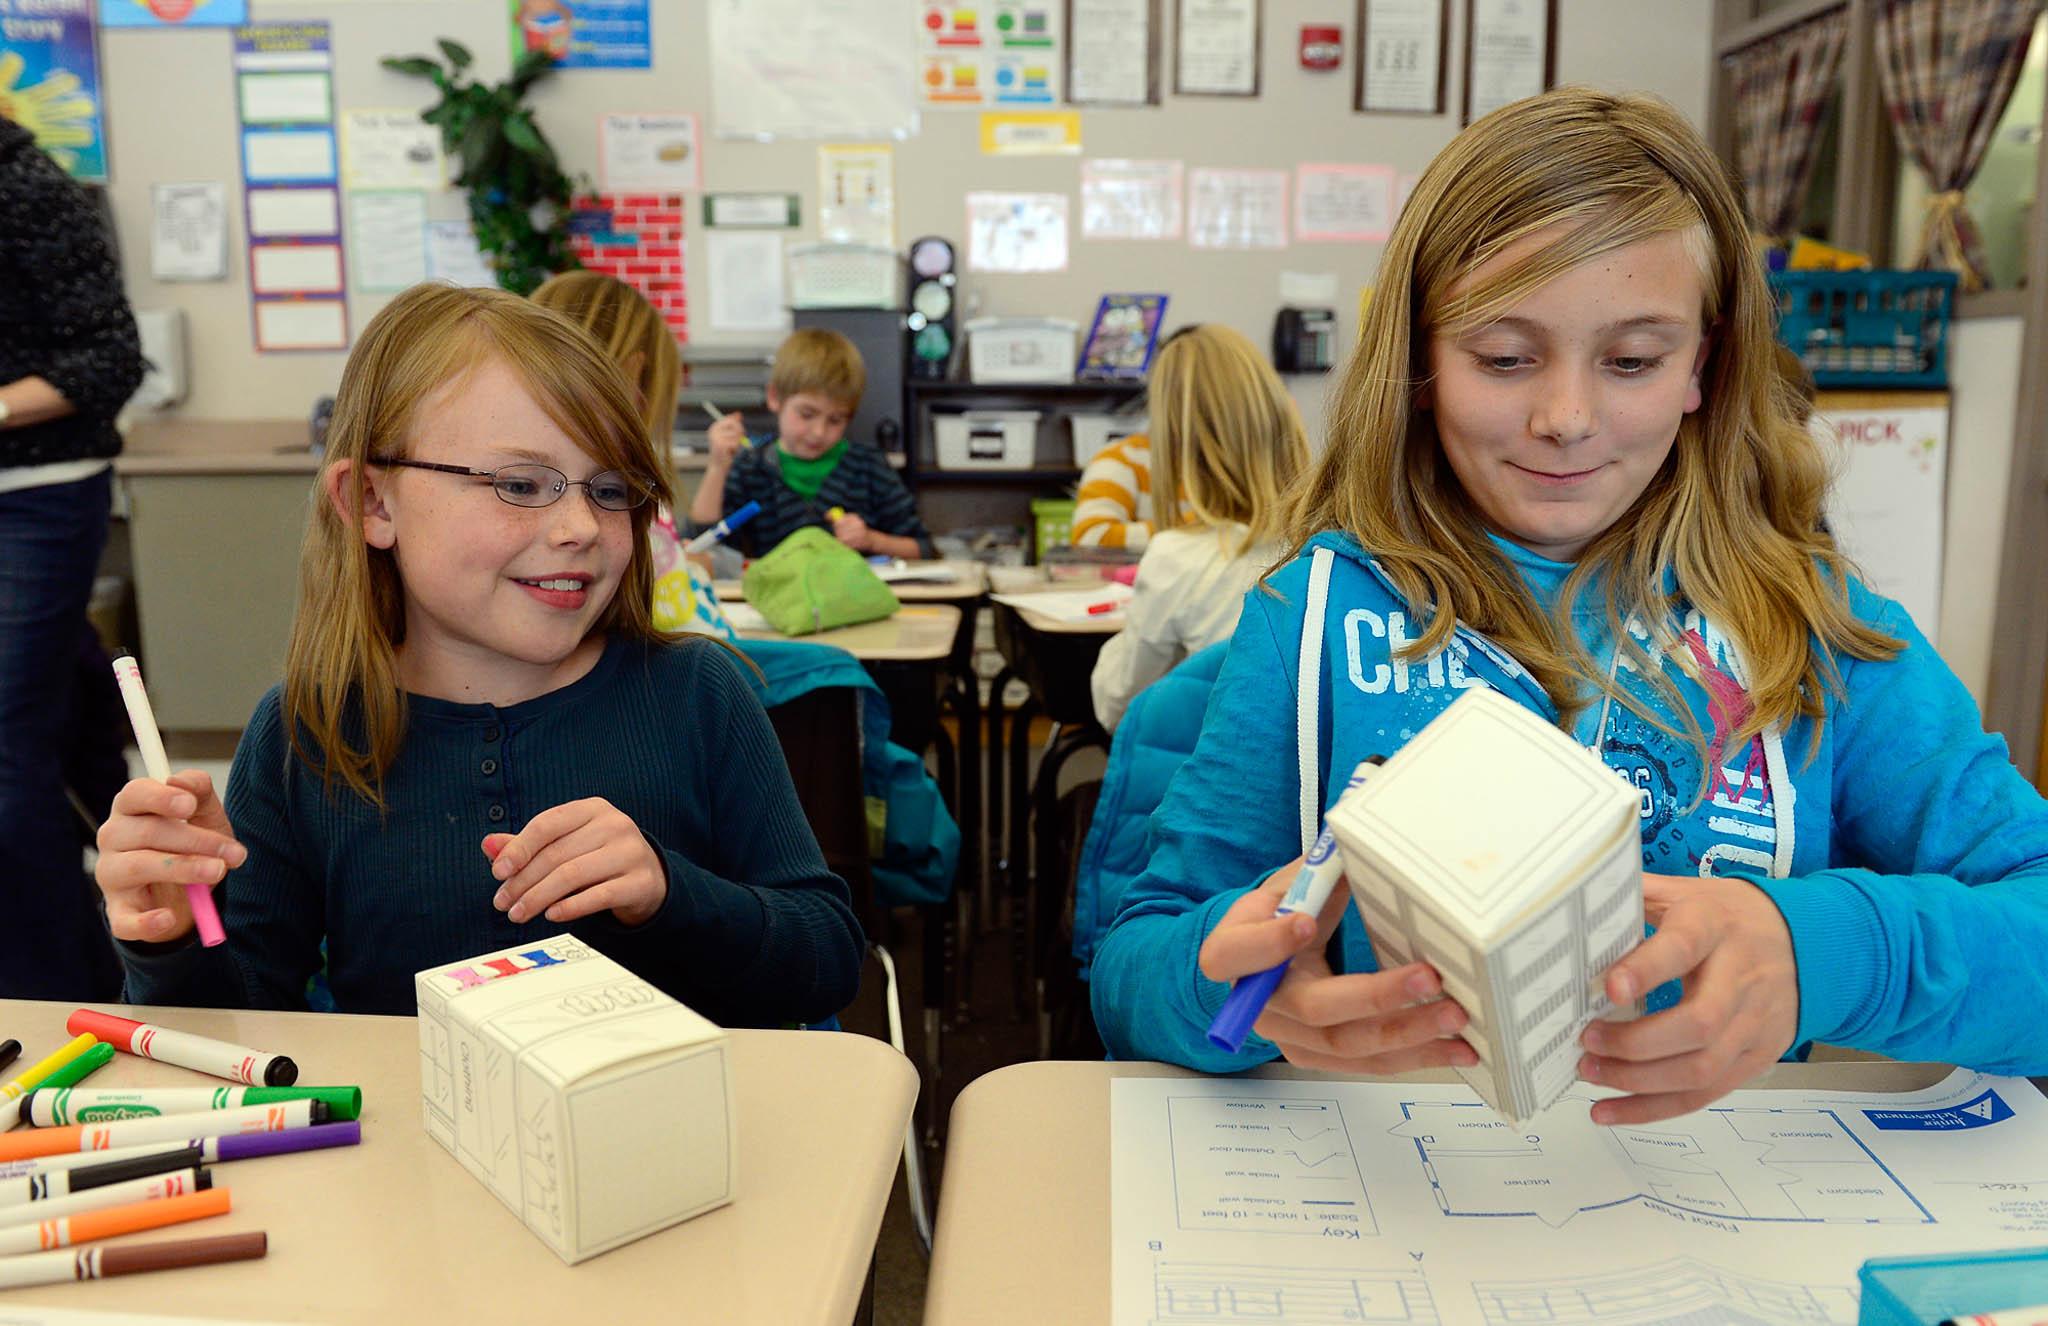 生徒にビジネスと財務の多面性を教える「ジュニア・アチーブメント」。都市計画の授業で紙の建物を作る3年生(© Lewis Geyer/Digital First Media/ Boulder Daily Camera/Getty Images)